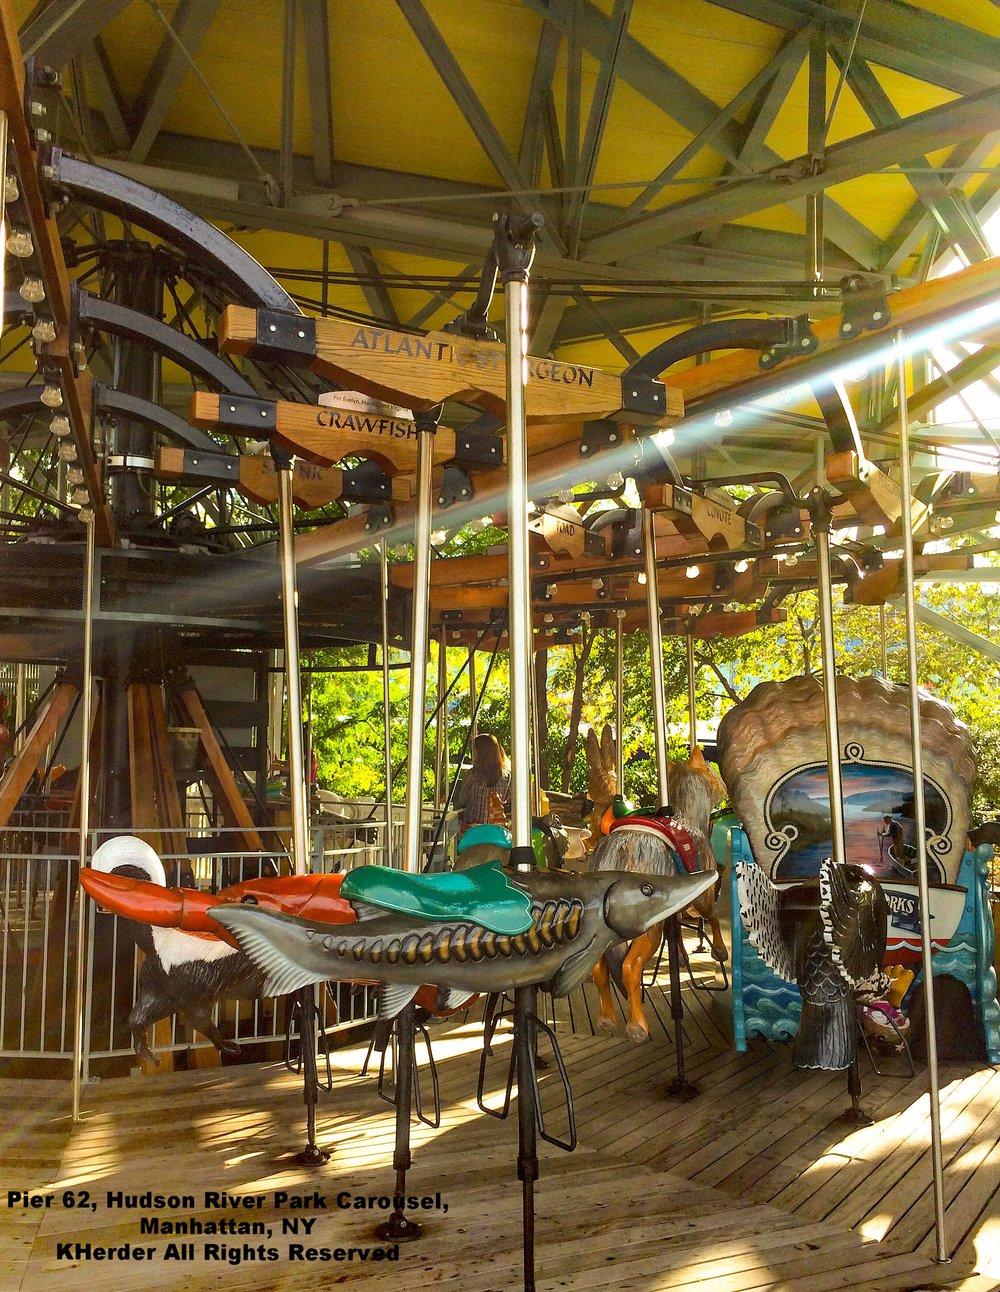 hudson river park carousel-sturgeon.jpg